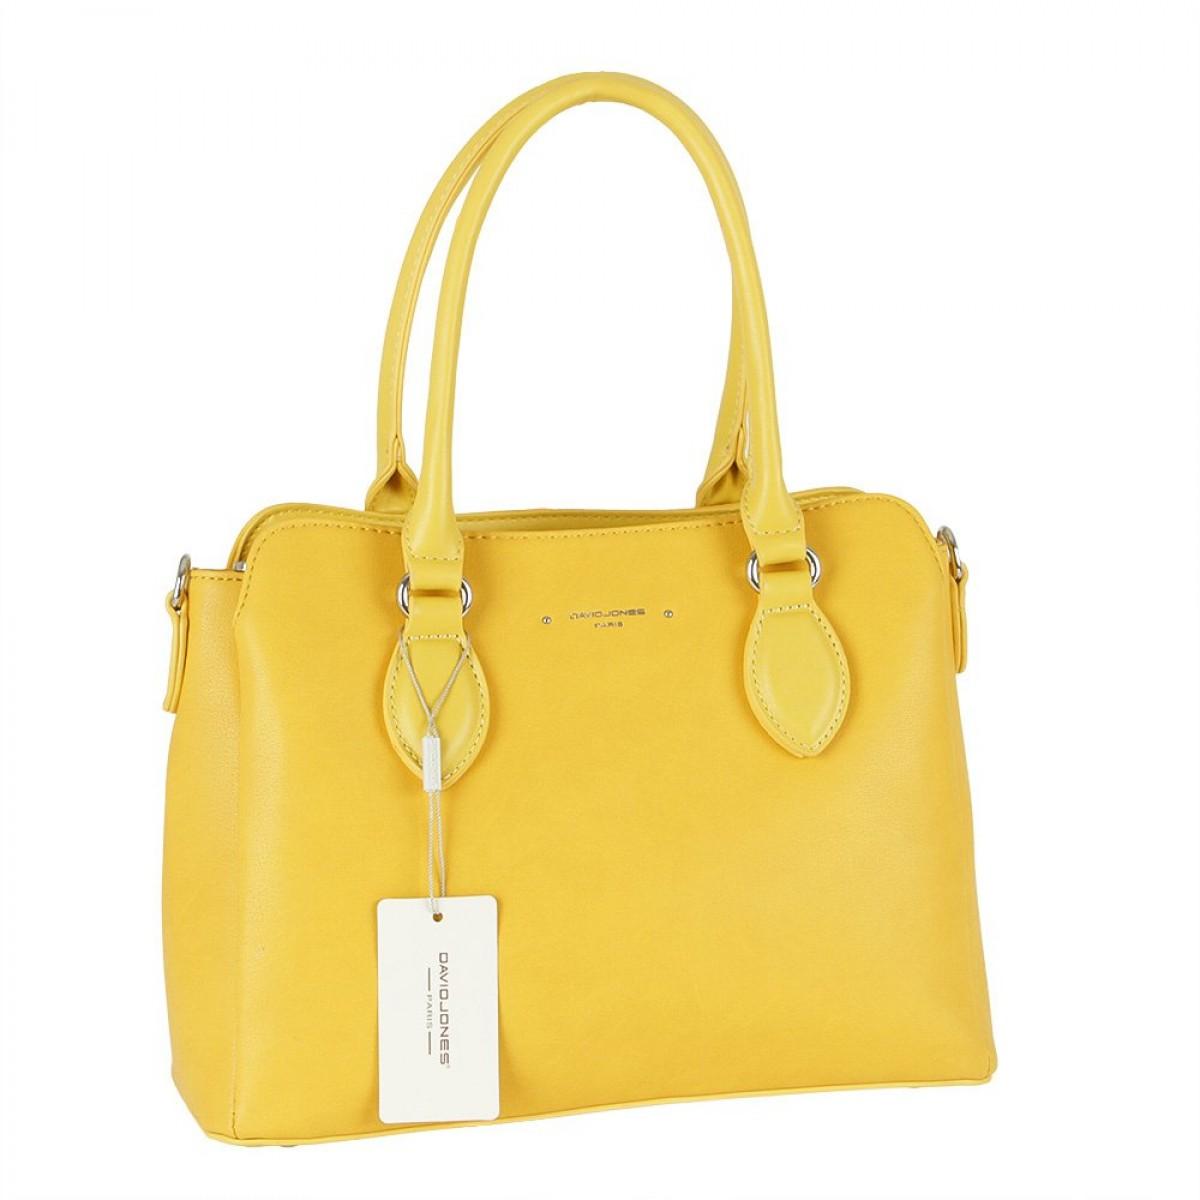 Жіноча сумка David Jones 6295-2 YELLOW